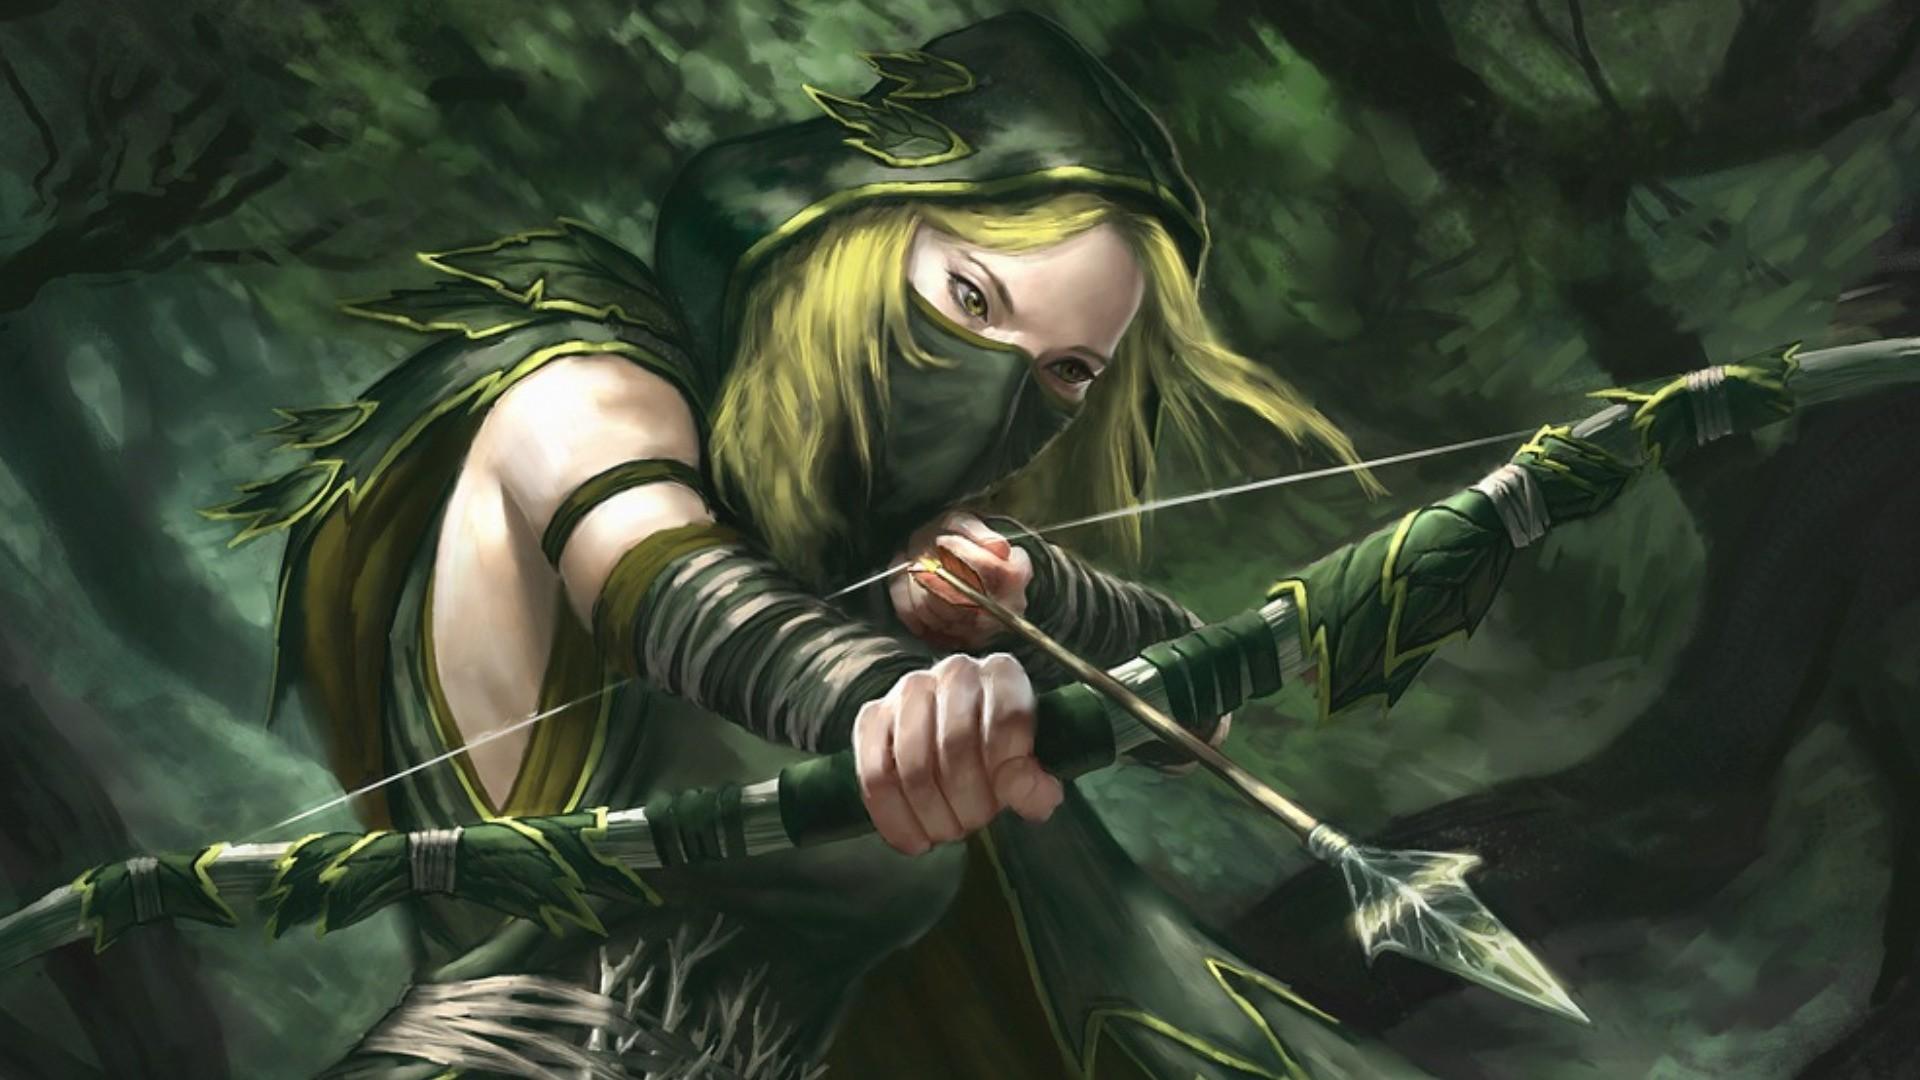 1387841-best-archery-wallpaper-1920x1080.jpg